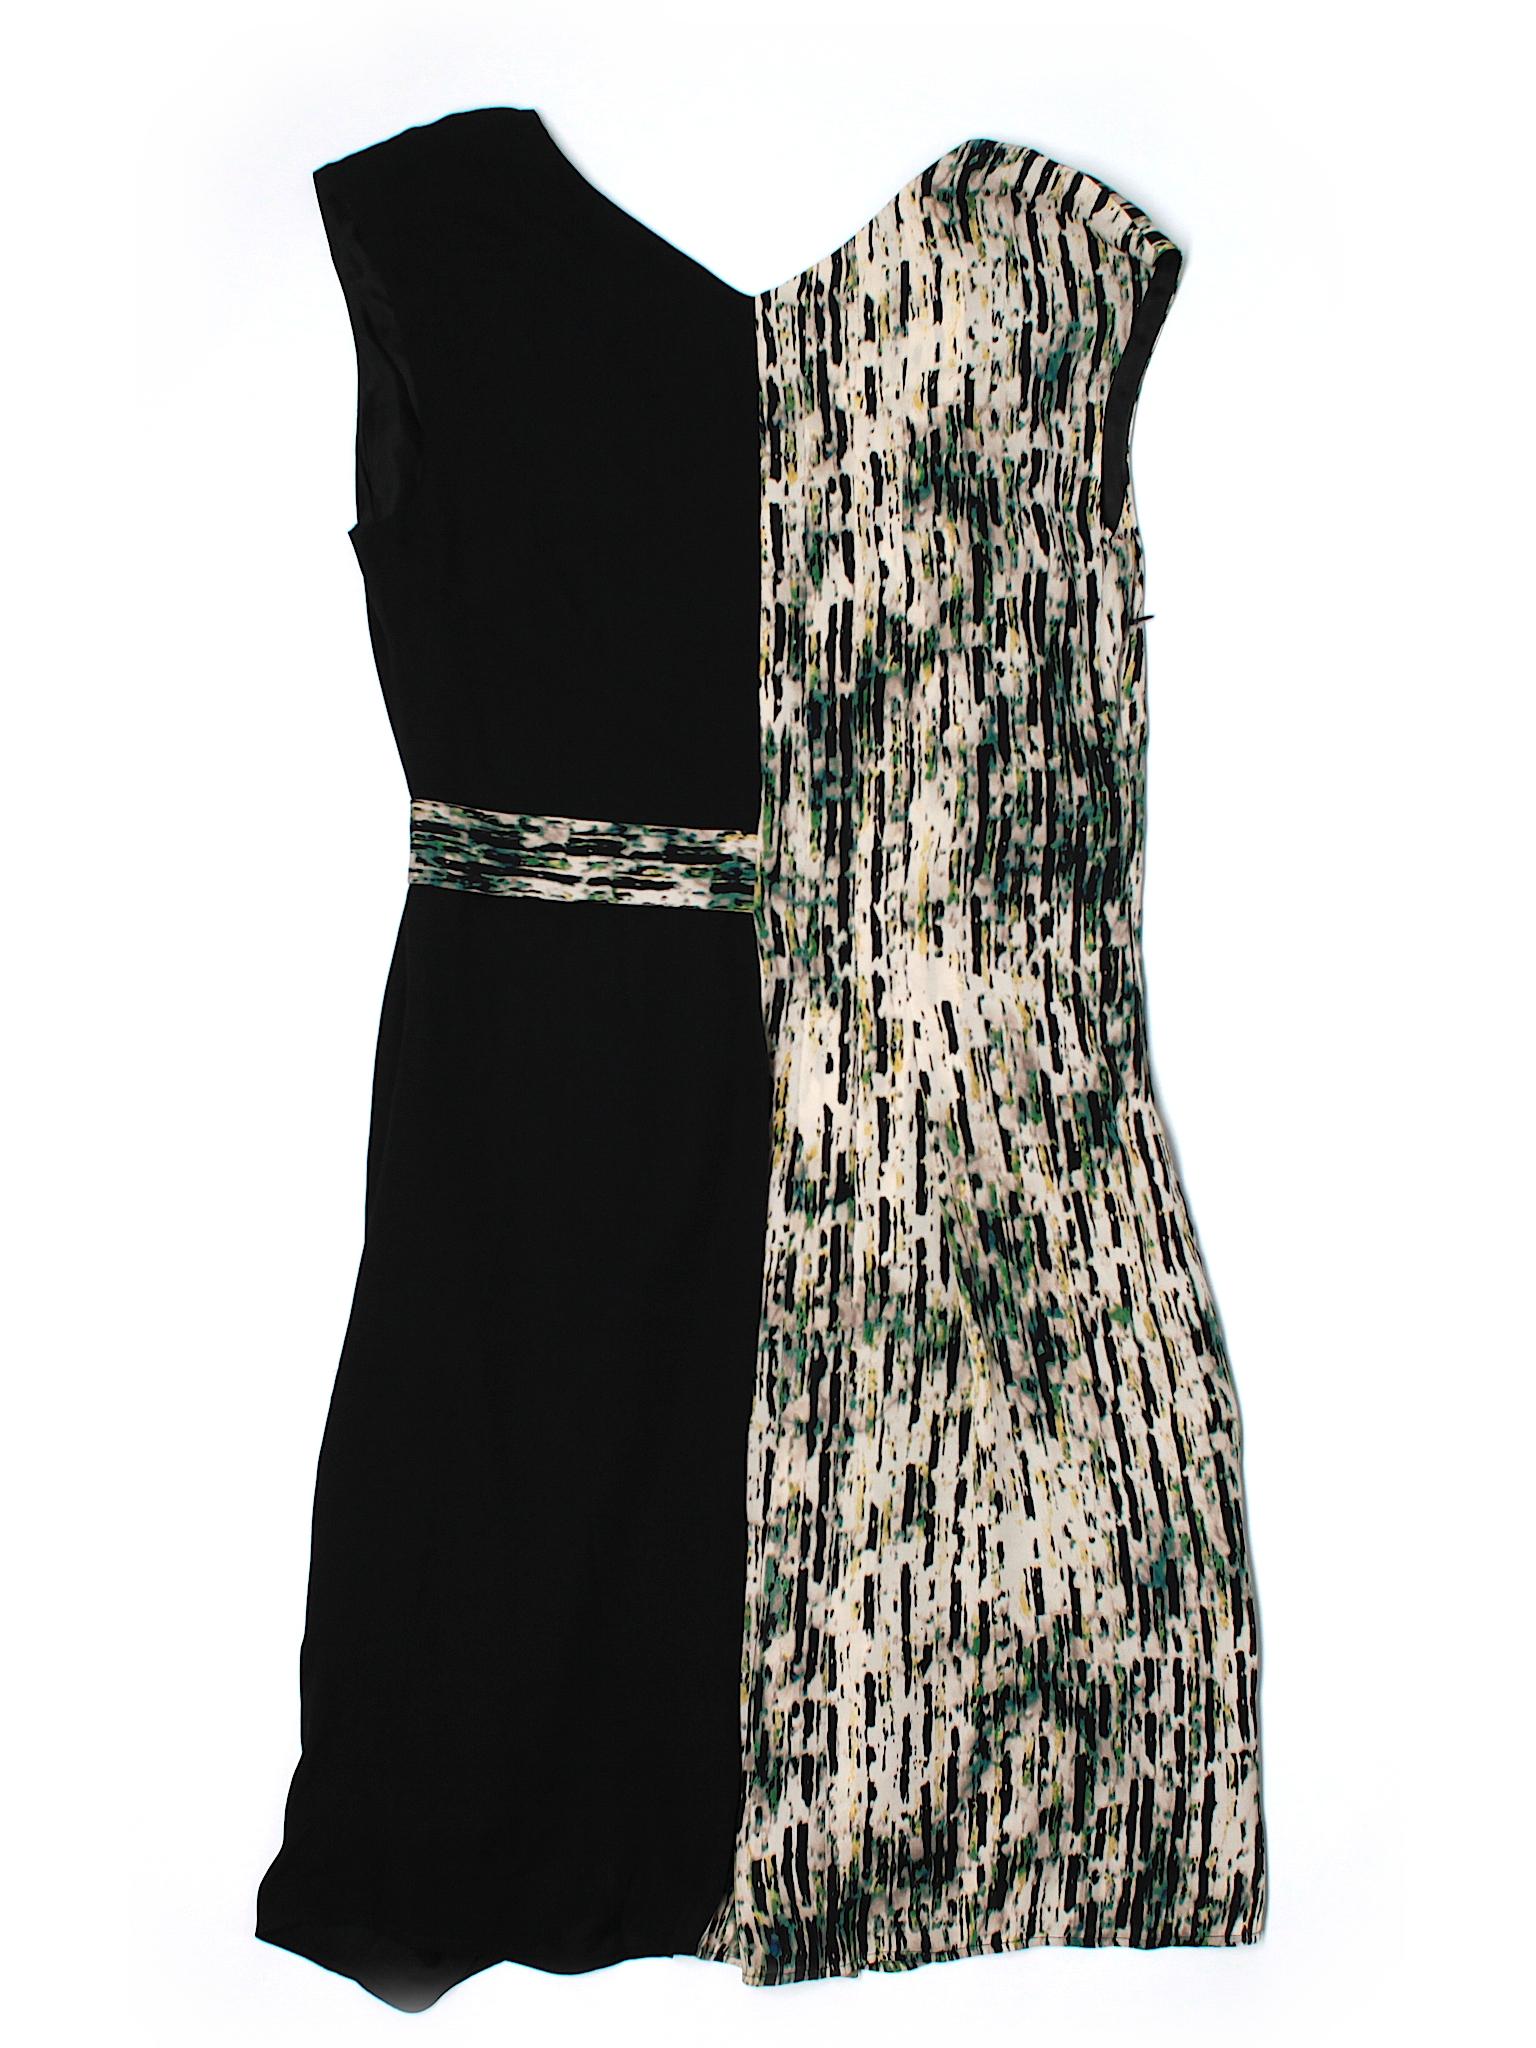 Selling Silk Selling Silk Dress Poleci Silk Poleci Dress Poleci Poleci Selling Dress Selling Dress Silk IzPAawxzR